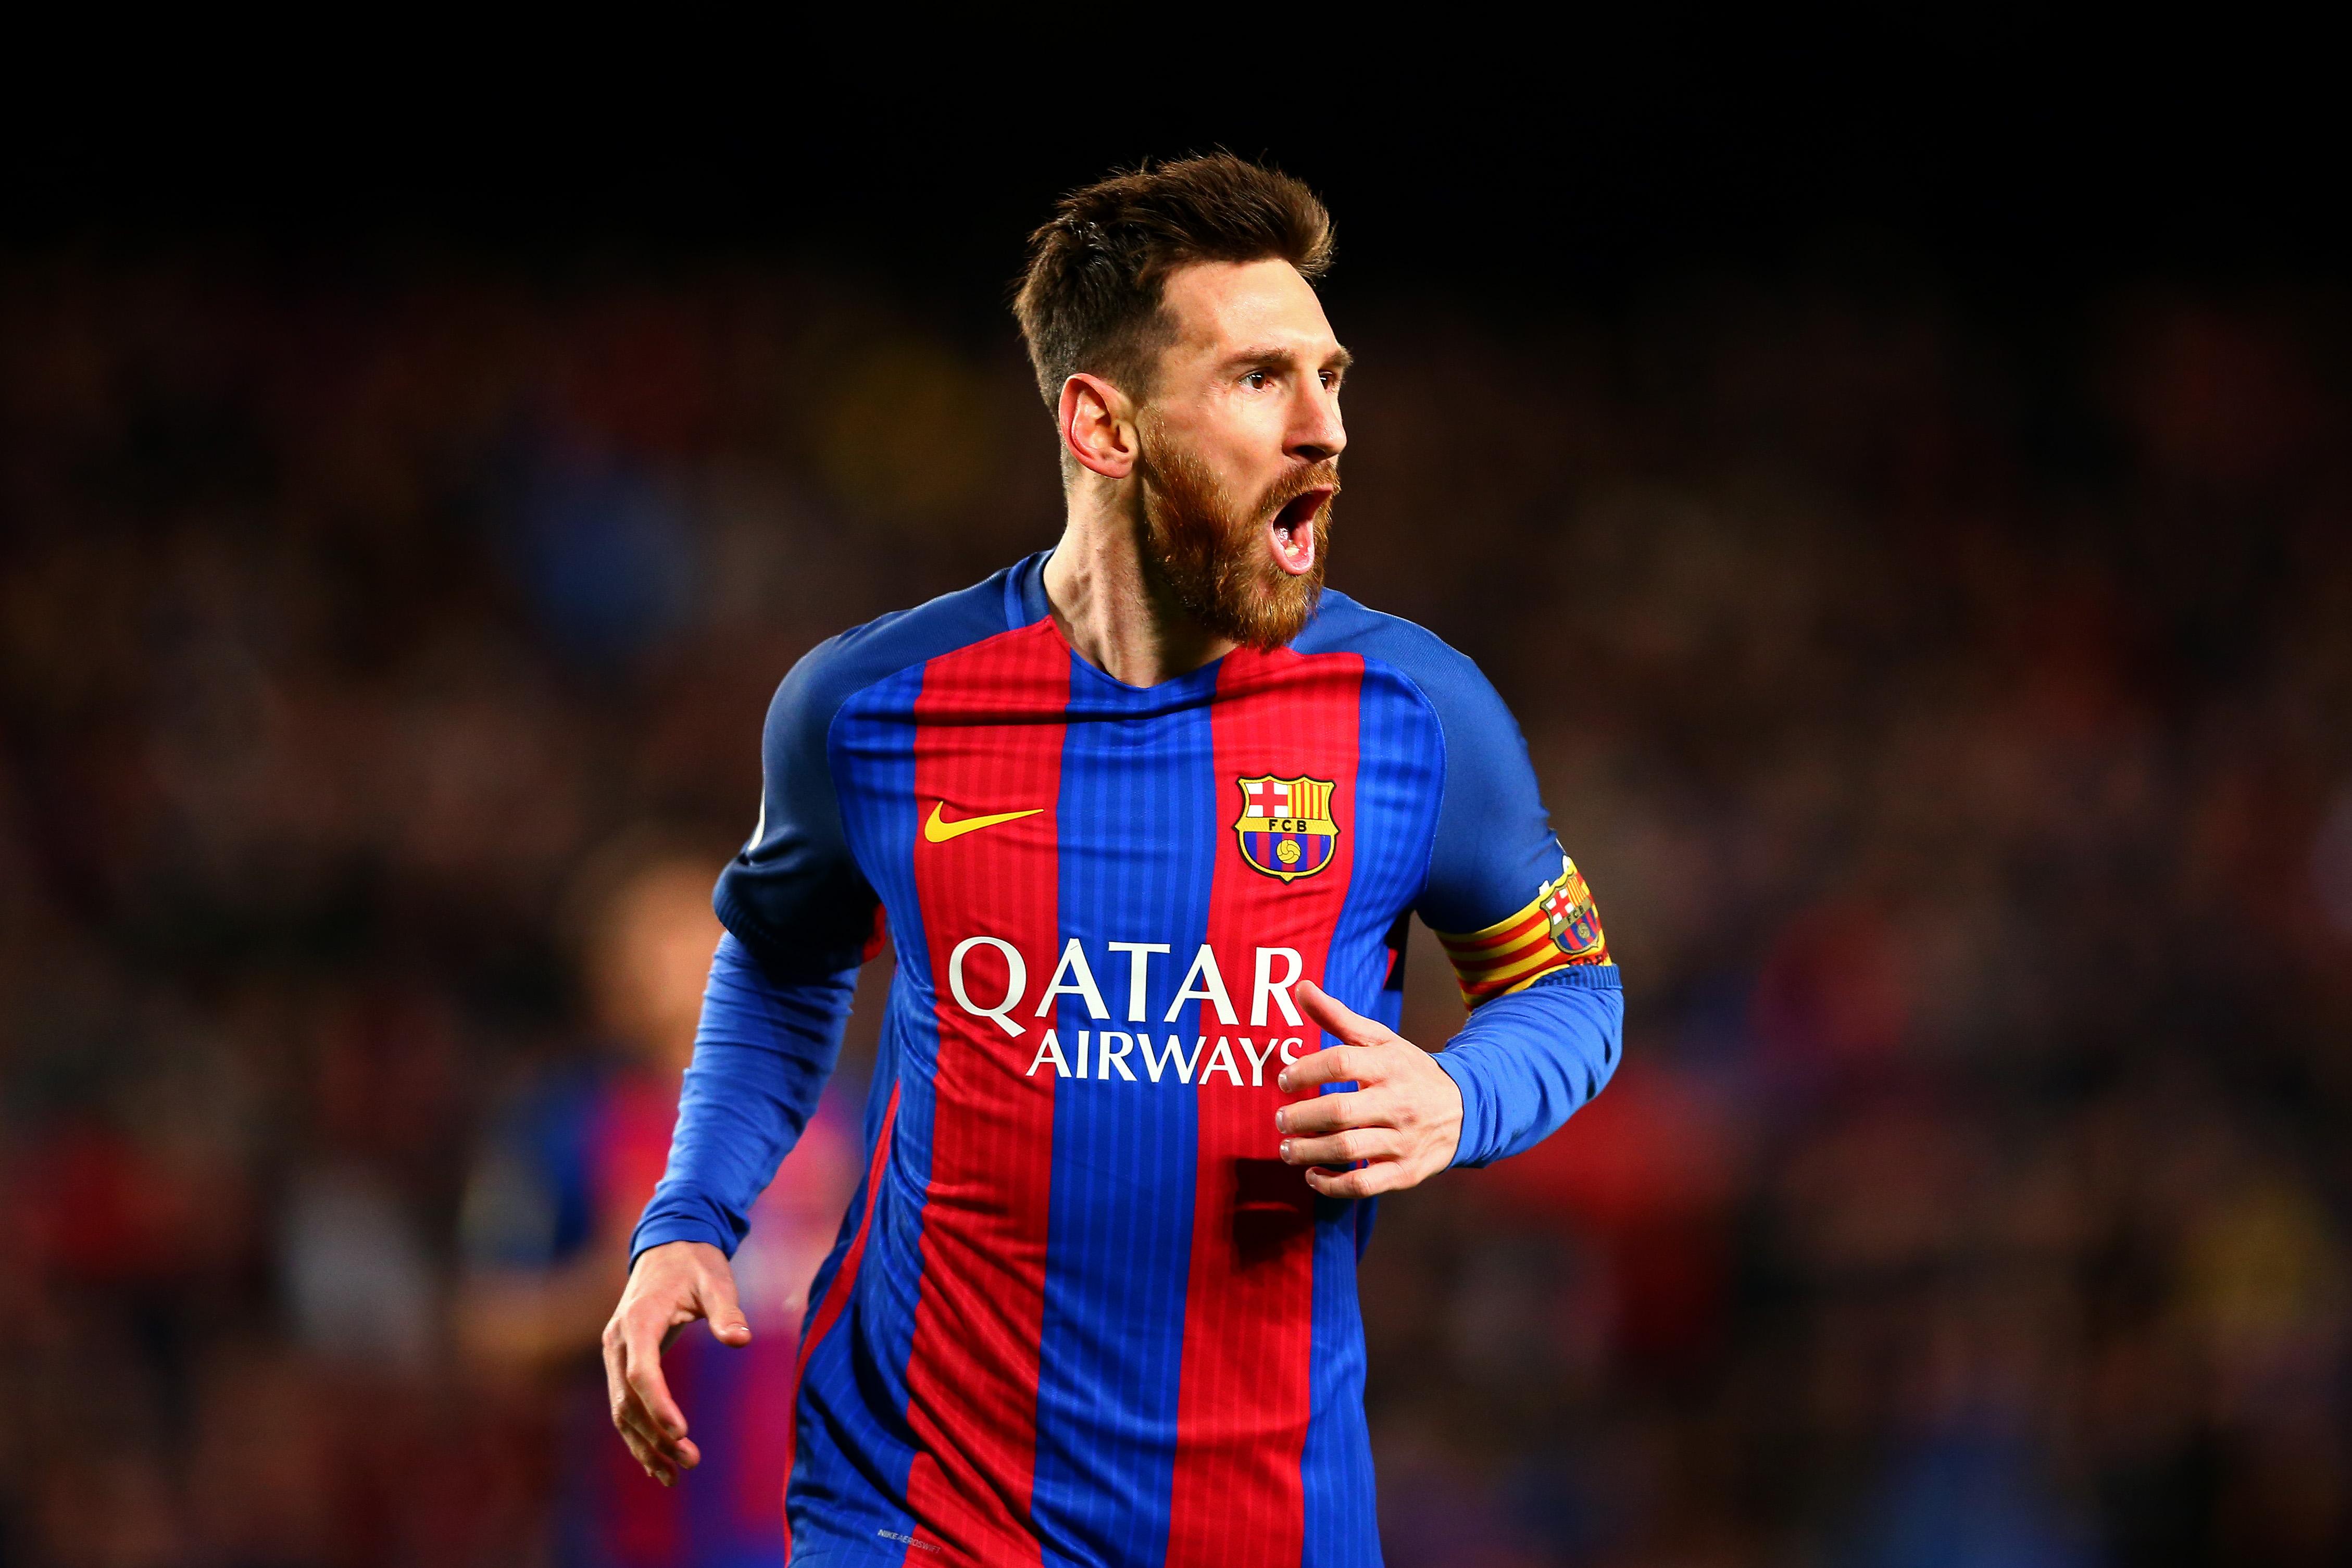 «Барселона» потратила 1,3 млн долларов на критику Лионеля Месси в соцсетях